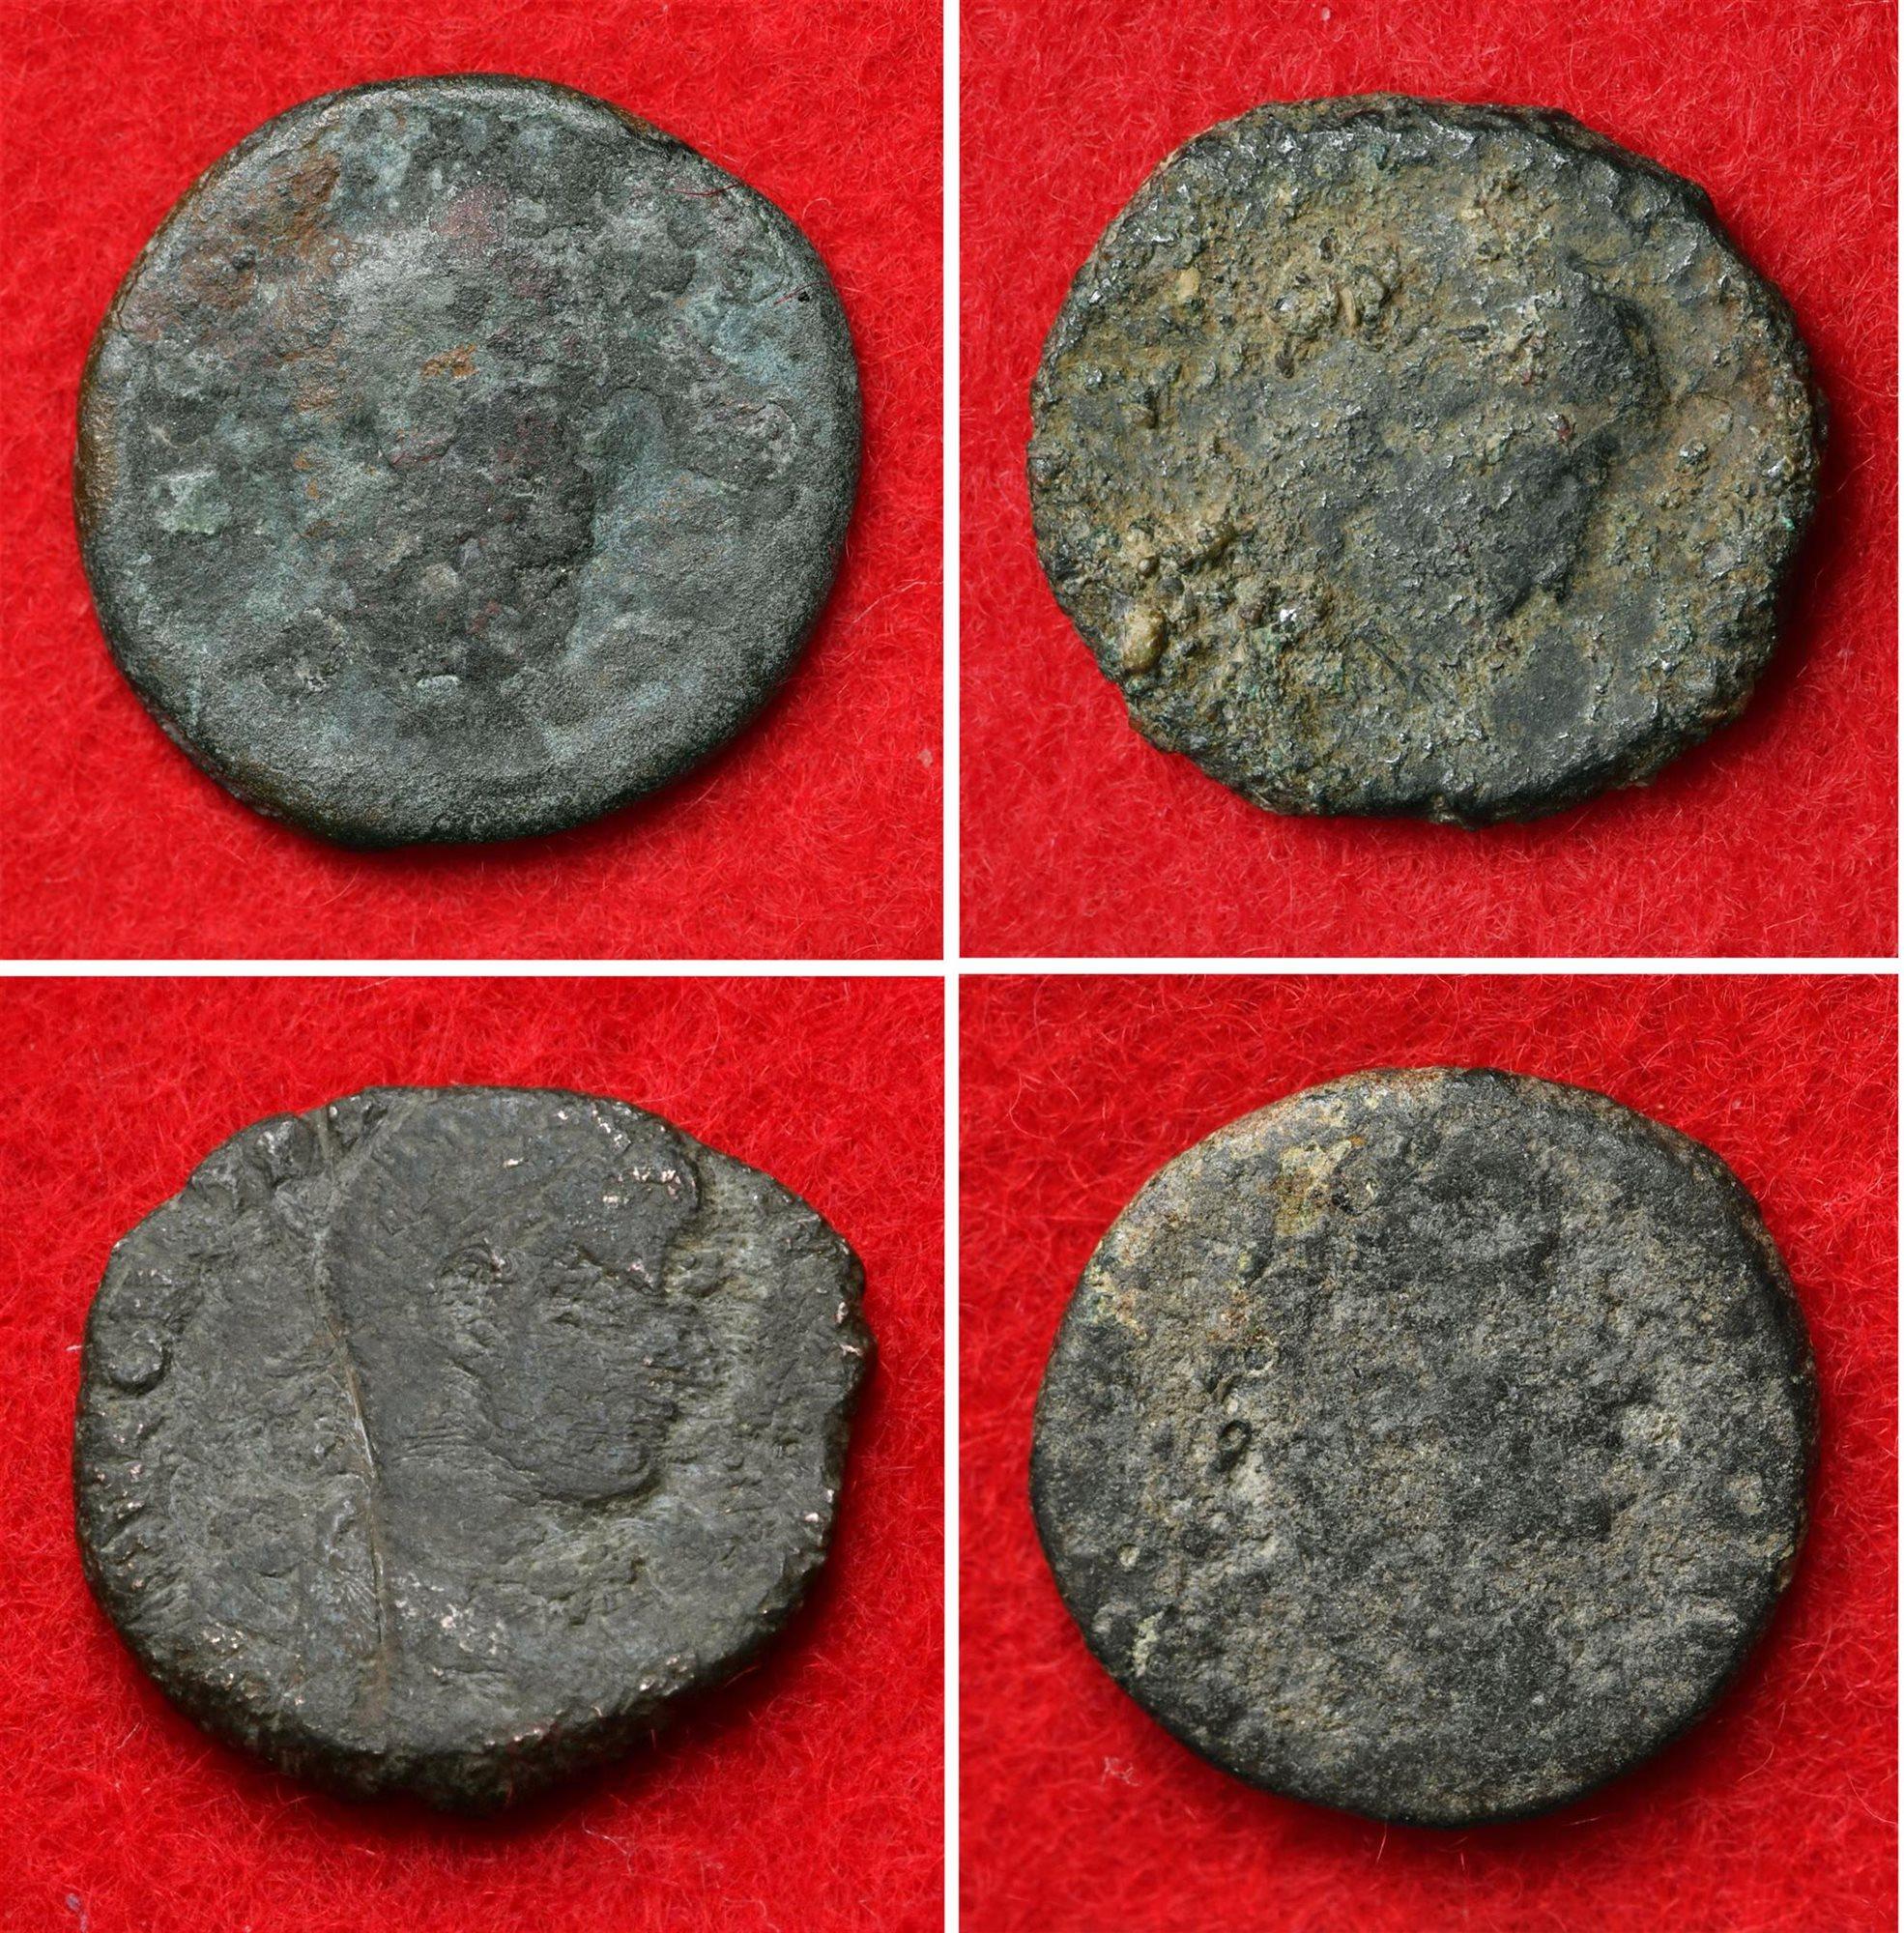 Encuentran 4 monedas romanas en un castillo medieval japonés